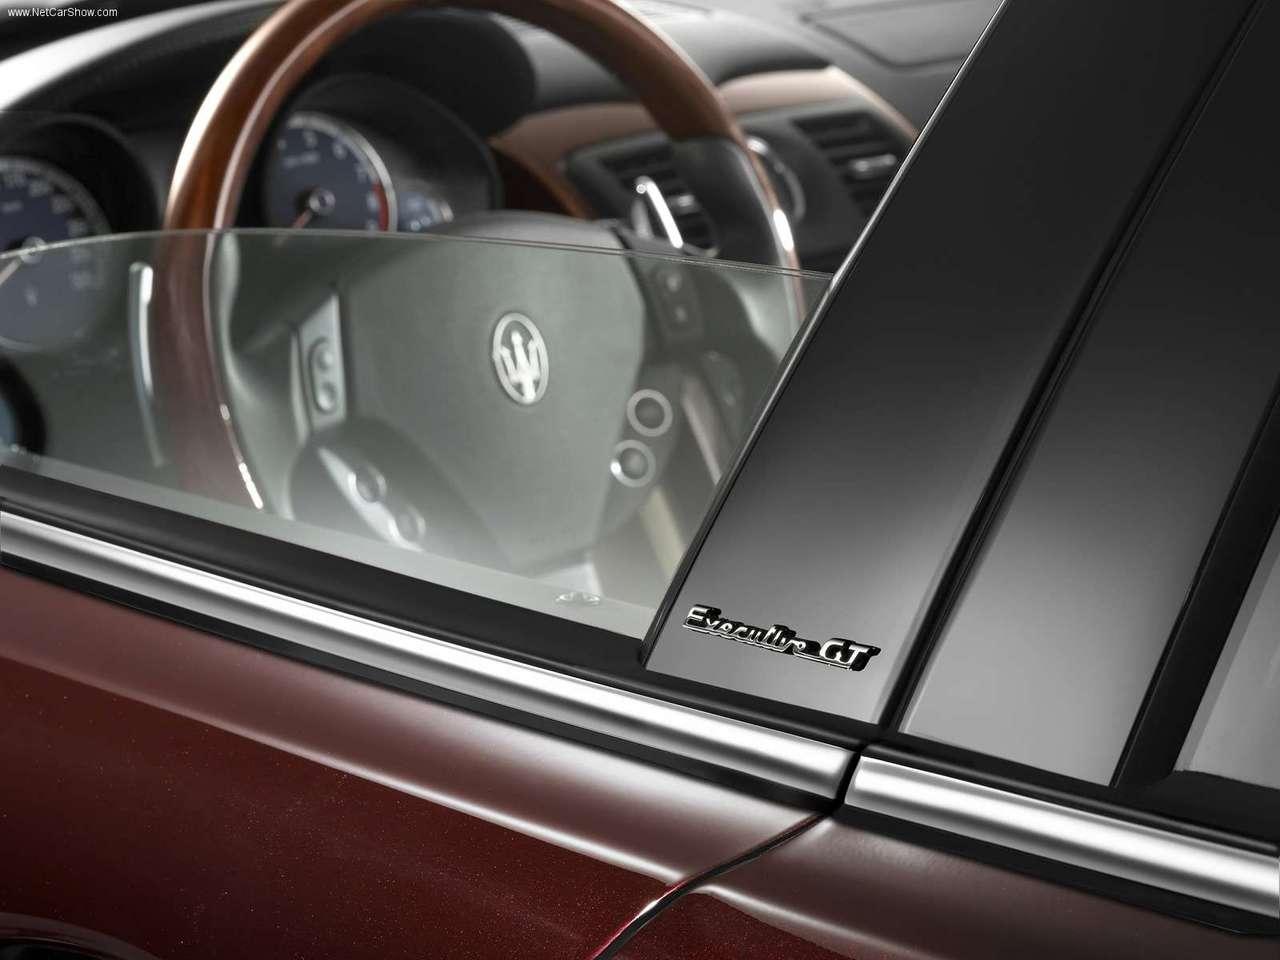 http://3.bp.blogspot.com/_H1gBps8JpiY/Sw2OTTVONAI/AAAAAAAAIdo/sOiT0b0Pvxs/s1600/Maserati-Quattroporte_Executive_GT_2006_1280x960_wallpaper_05.jpg